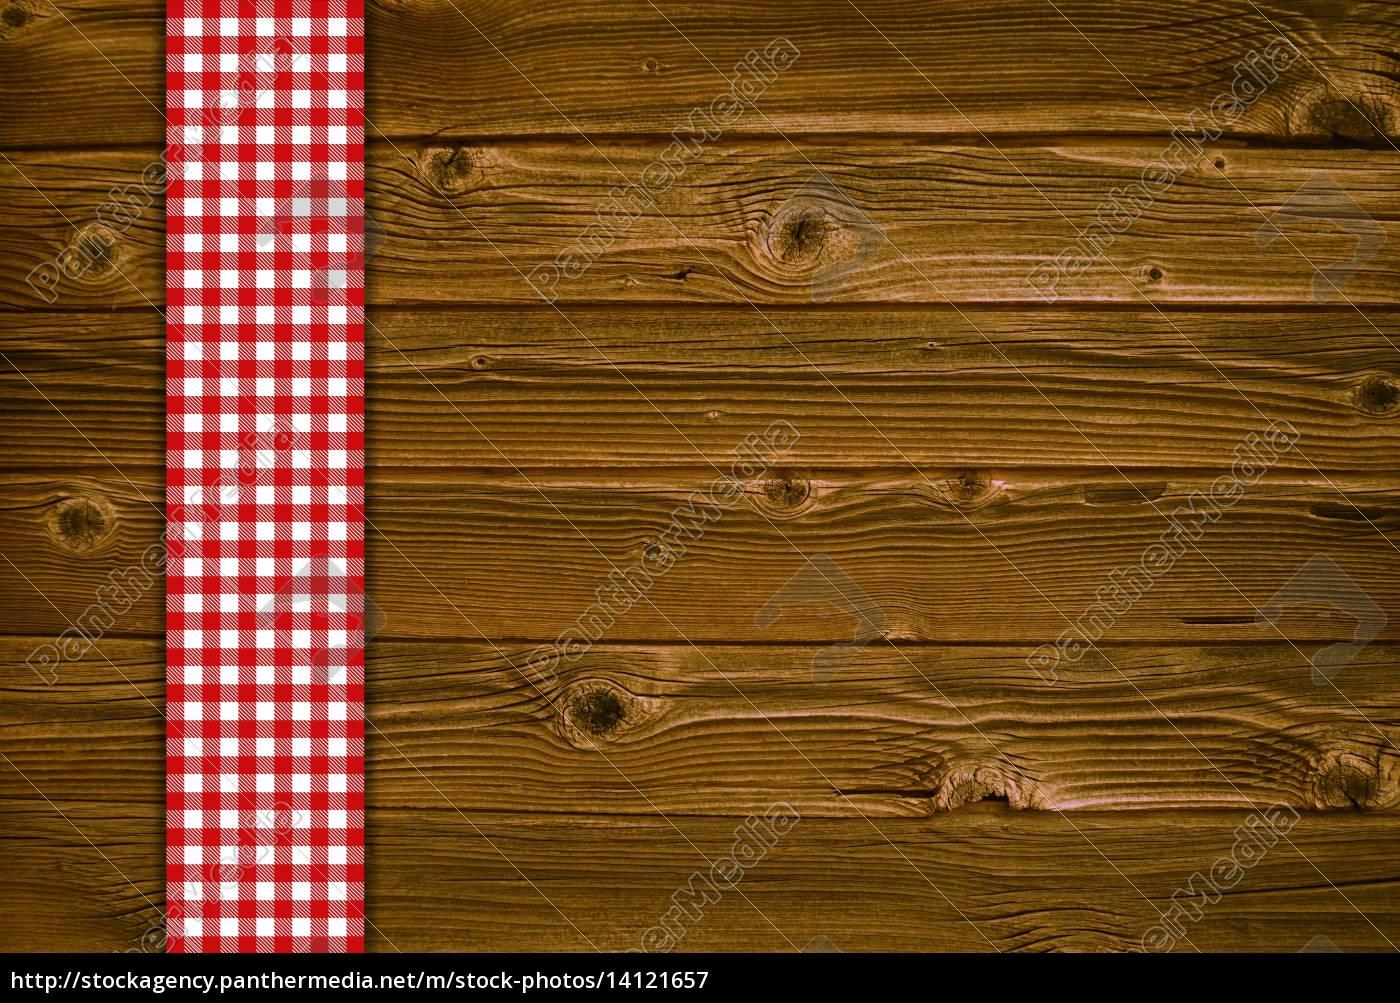 holzhintergrund, mit, rot, weisser, tischdecke - 14121657